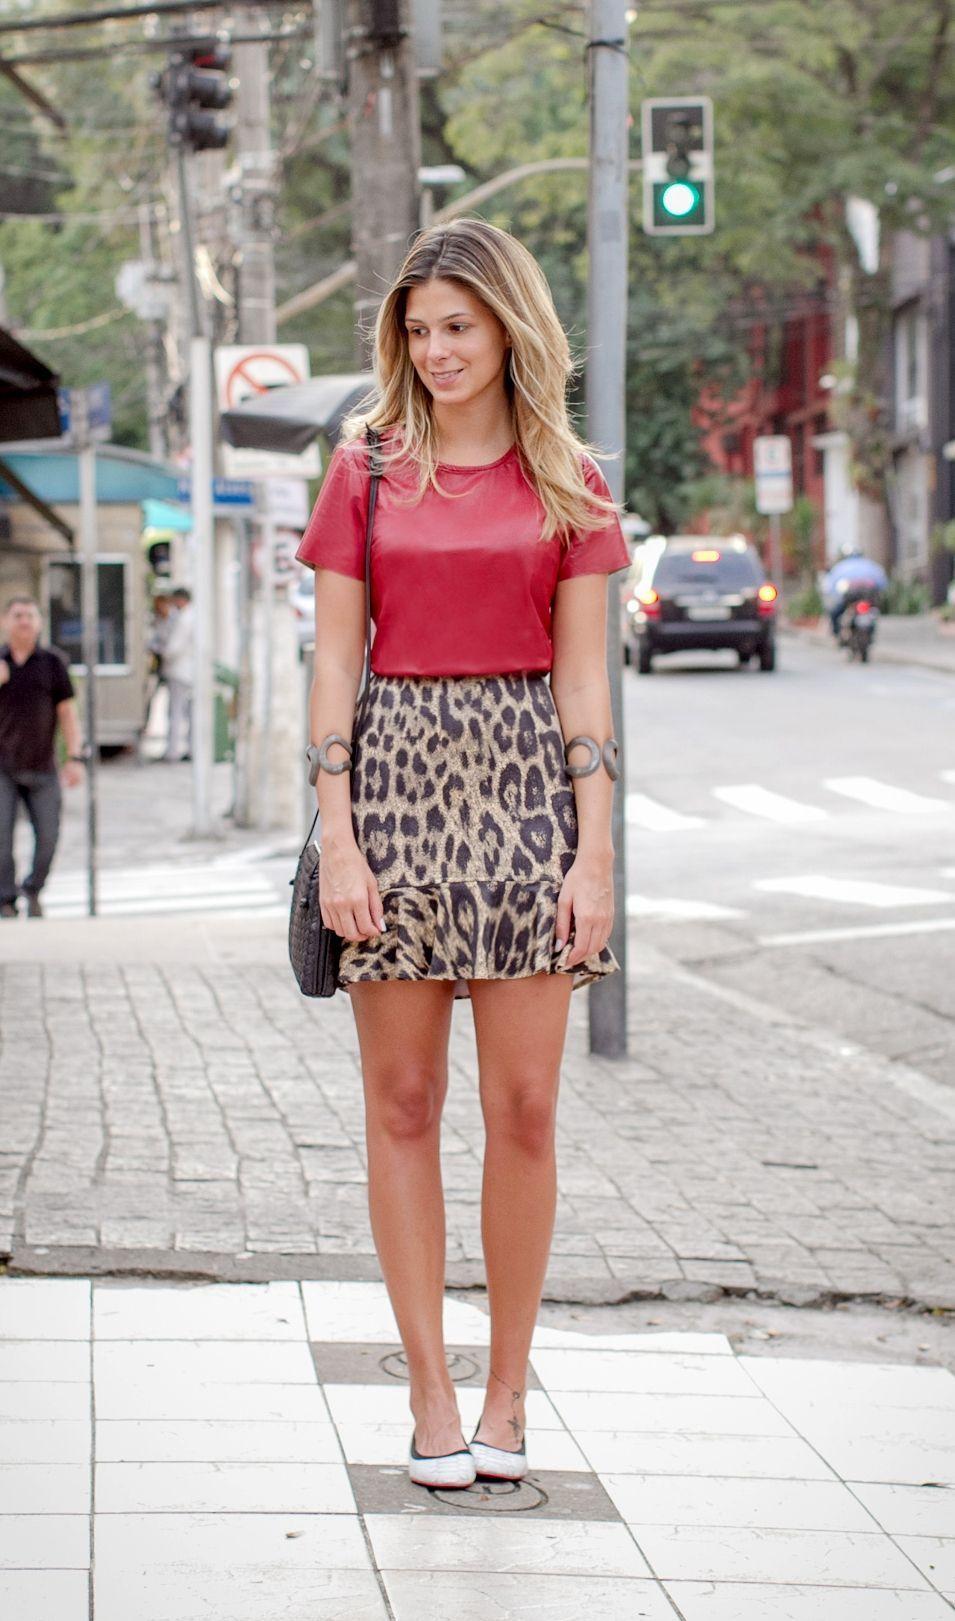 """Foto: Reprodução / <a href=""""http://annafasano.com.br/meu-look-vermelho-onca/"""" target=""""_blank"""">Anna Fasano</a>"""